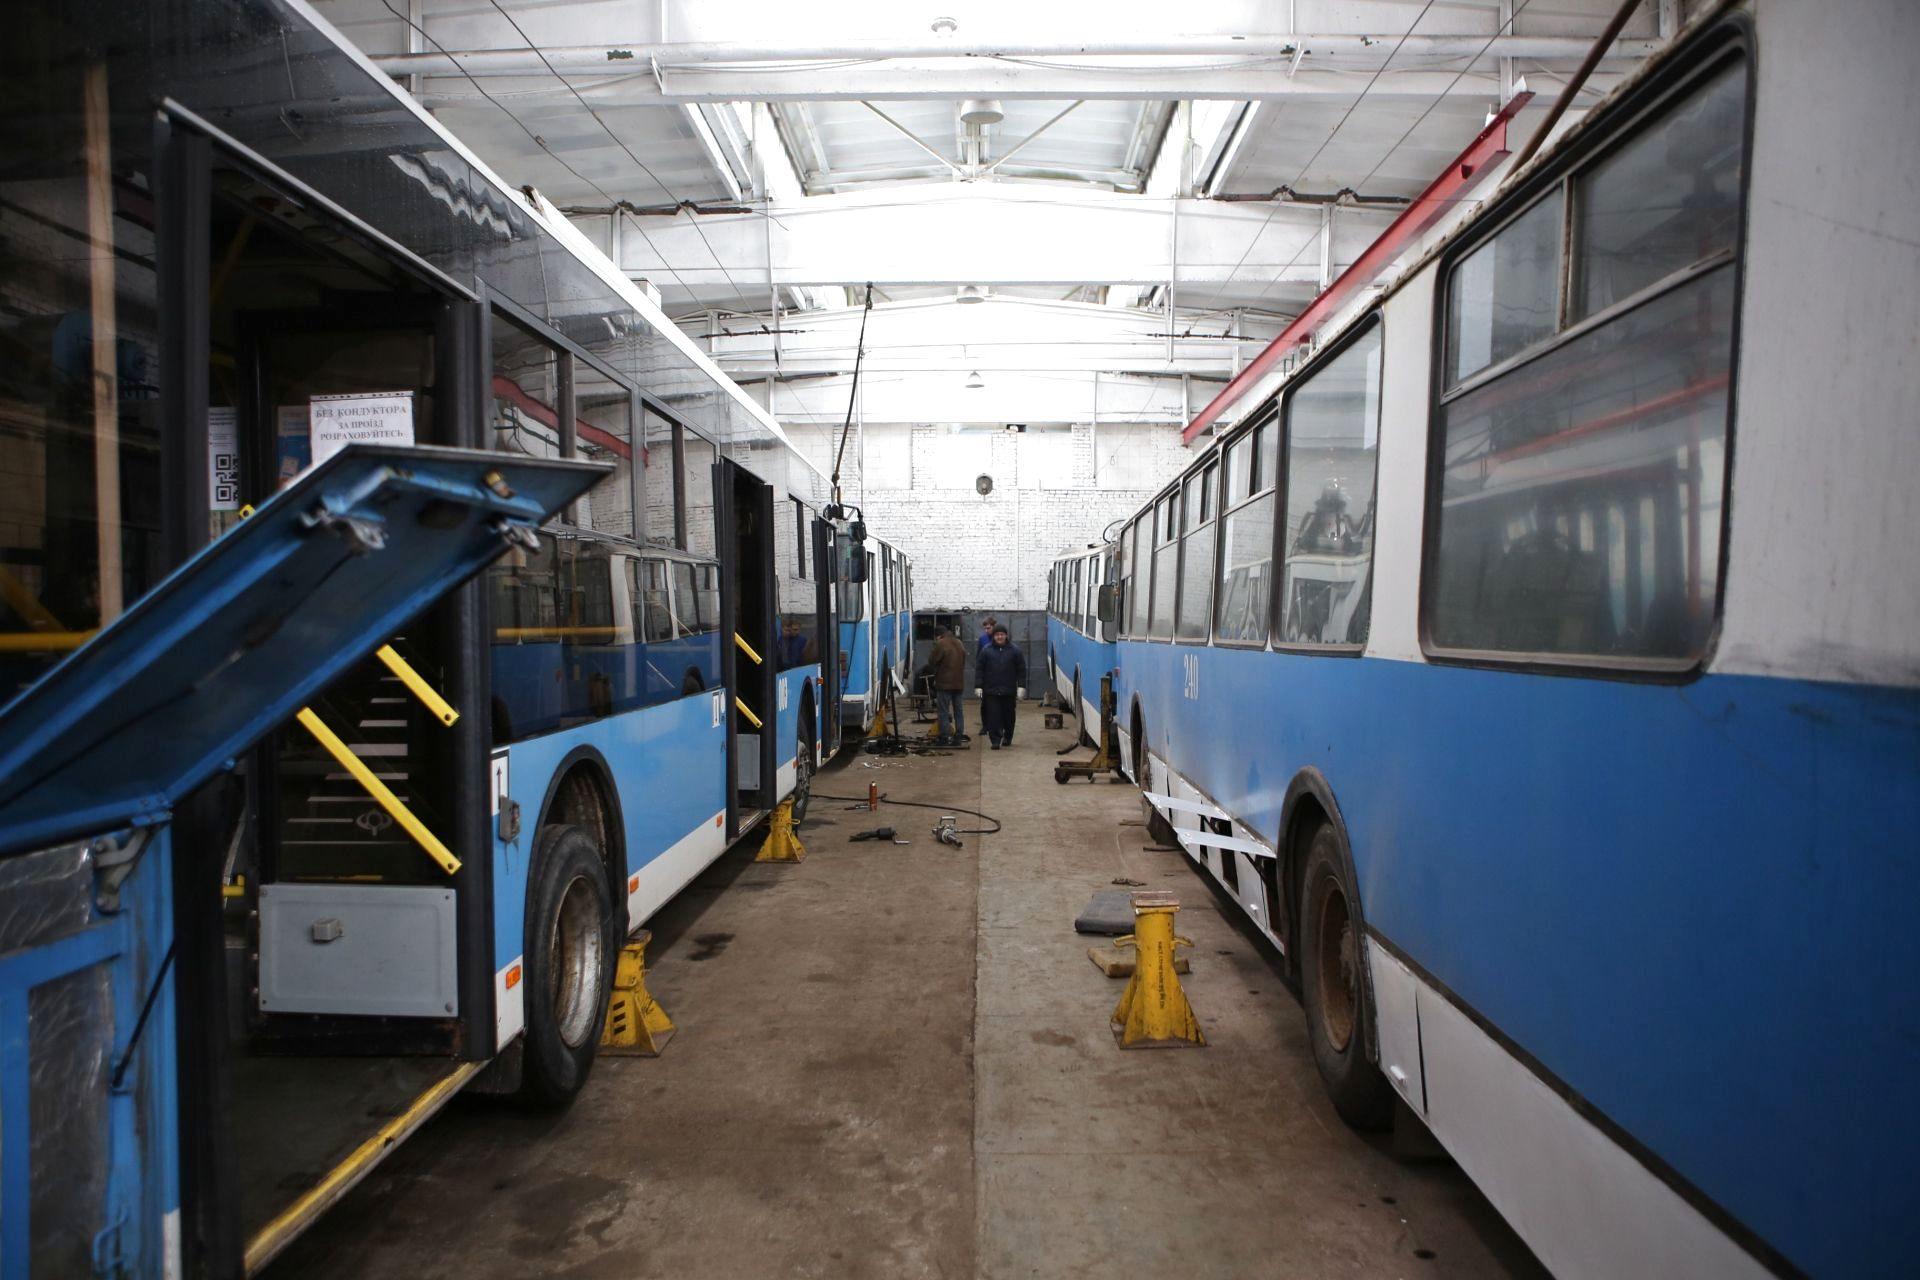 69db6eadb0cb8b Чому тролейбус був таємним і куди поділися «гармошки» : 18:02:2019 ...